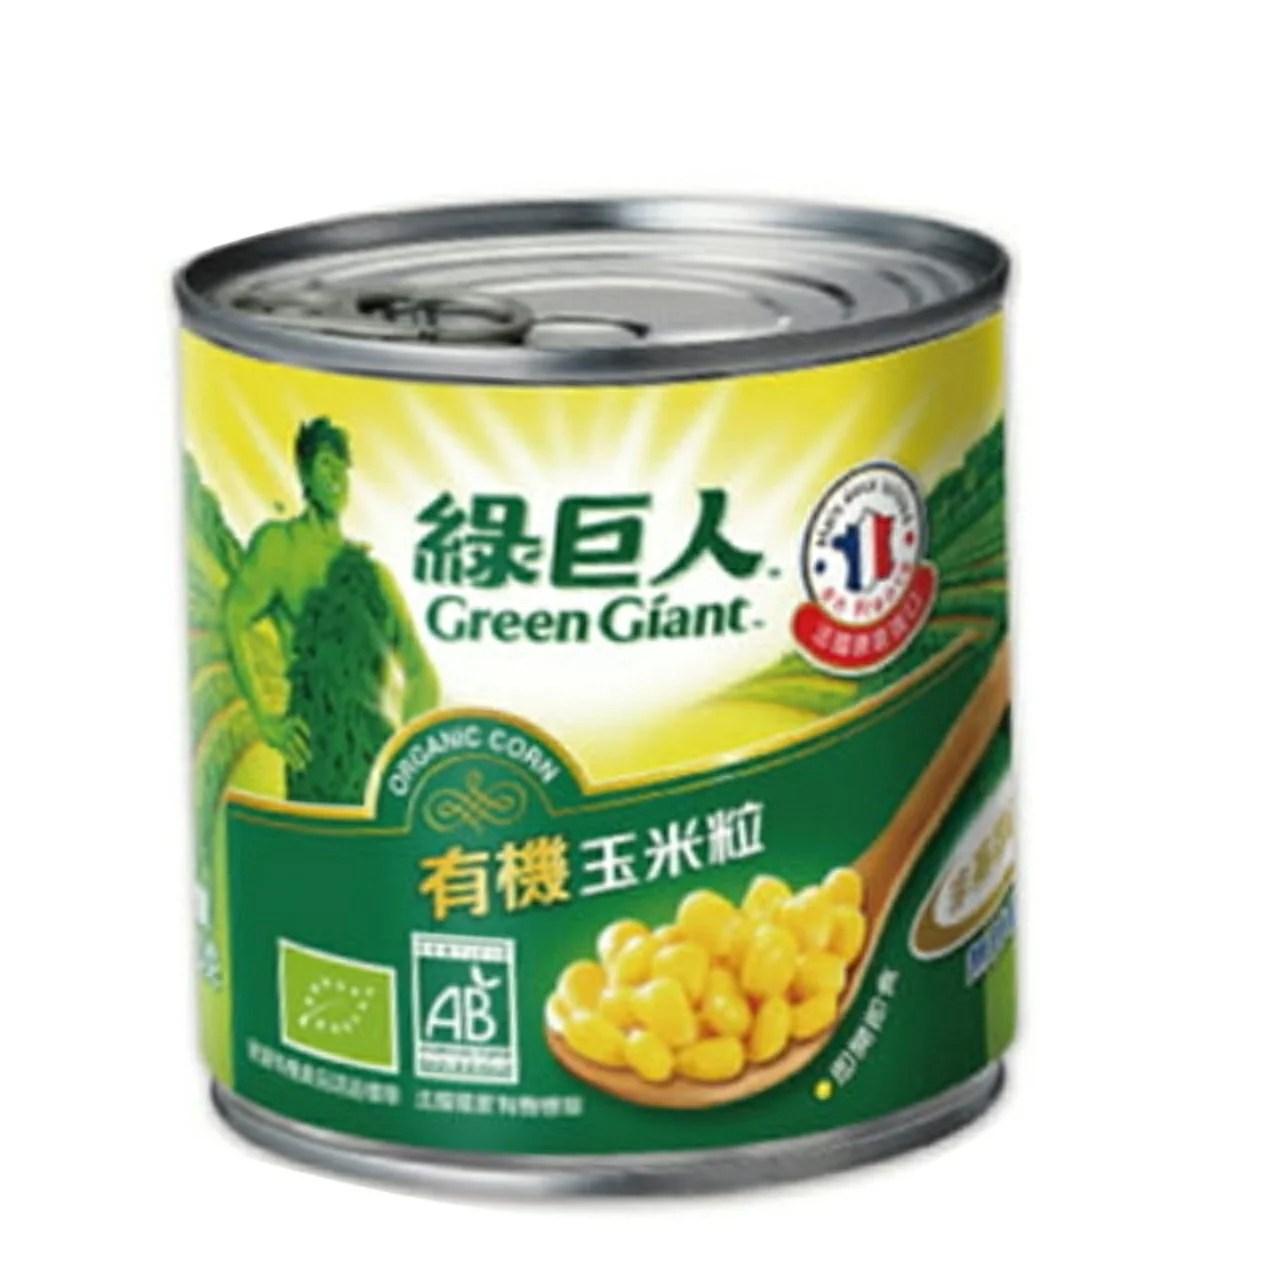 綠巨人 有機玉米粒 150g*3/組   清新自在樂活生機館 - Rakuten樂天市場